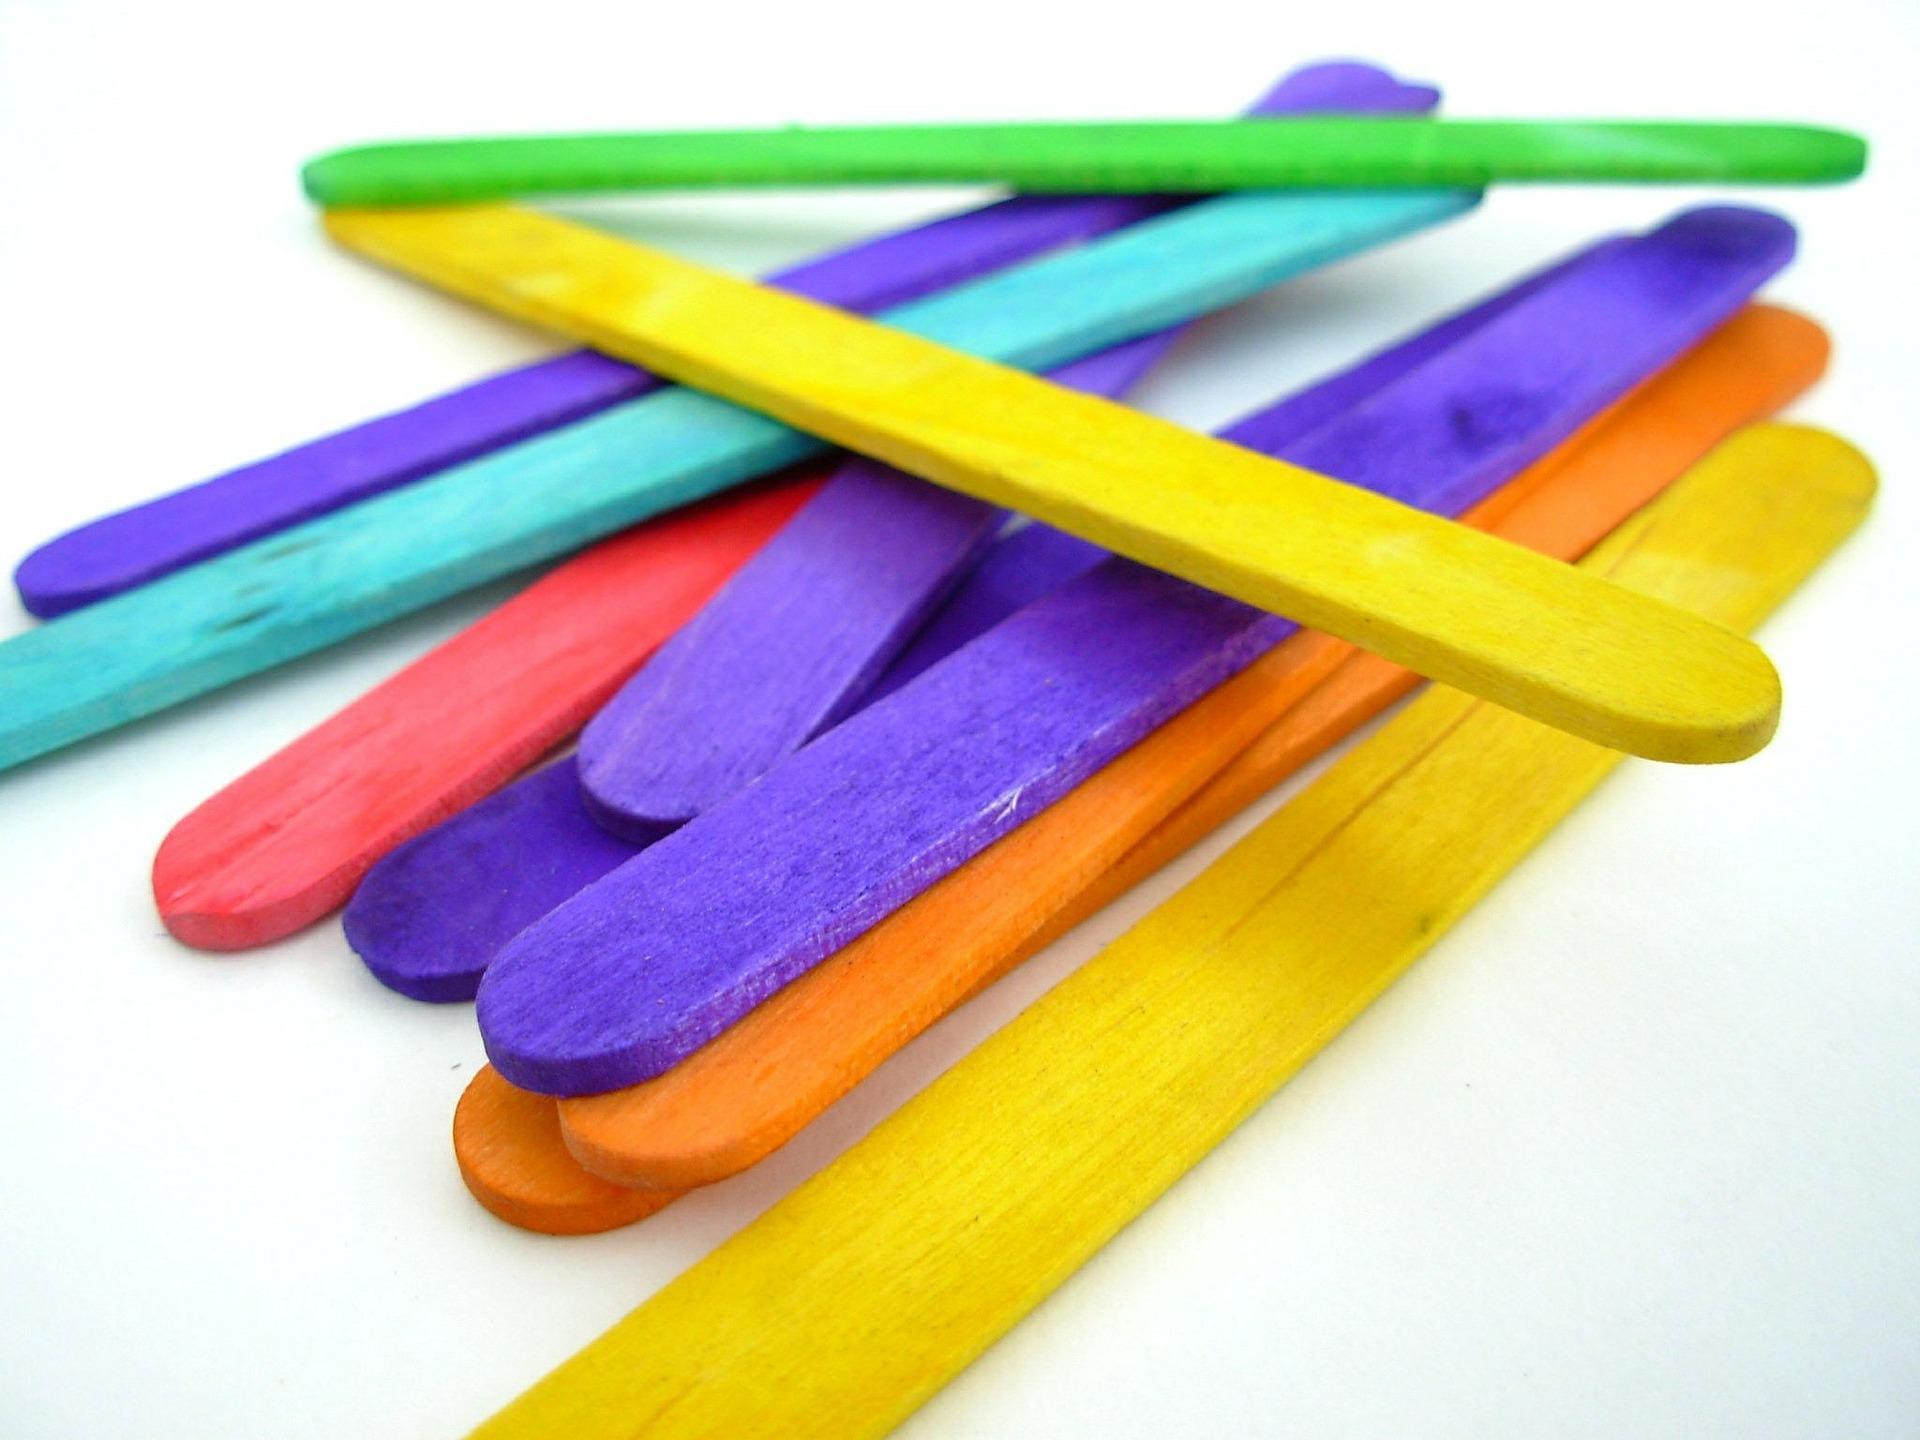 popsicle-sticks-350084_1920.jpg